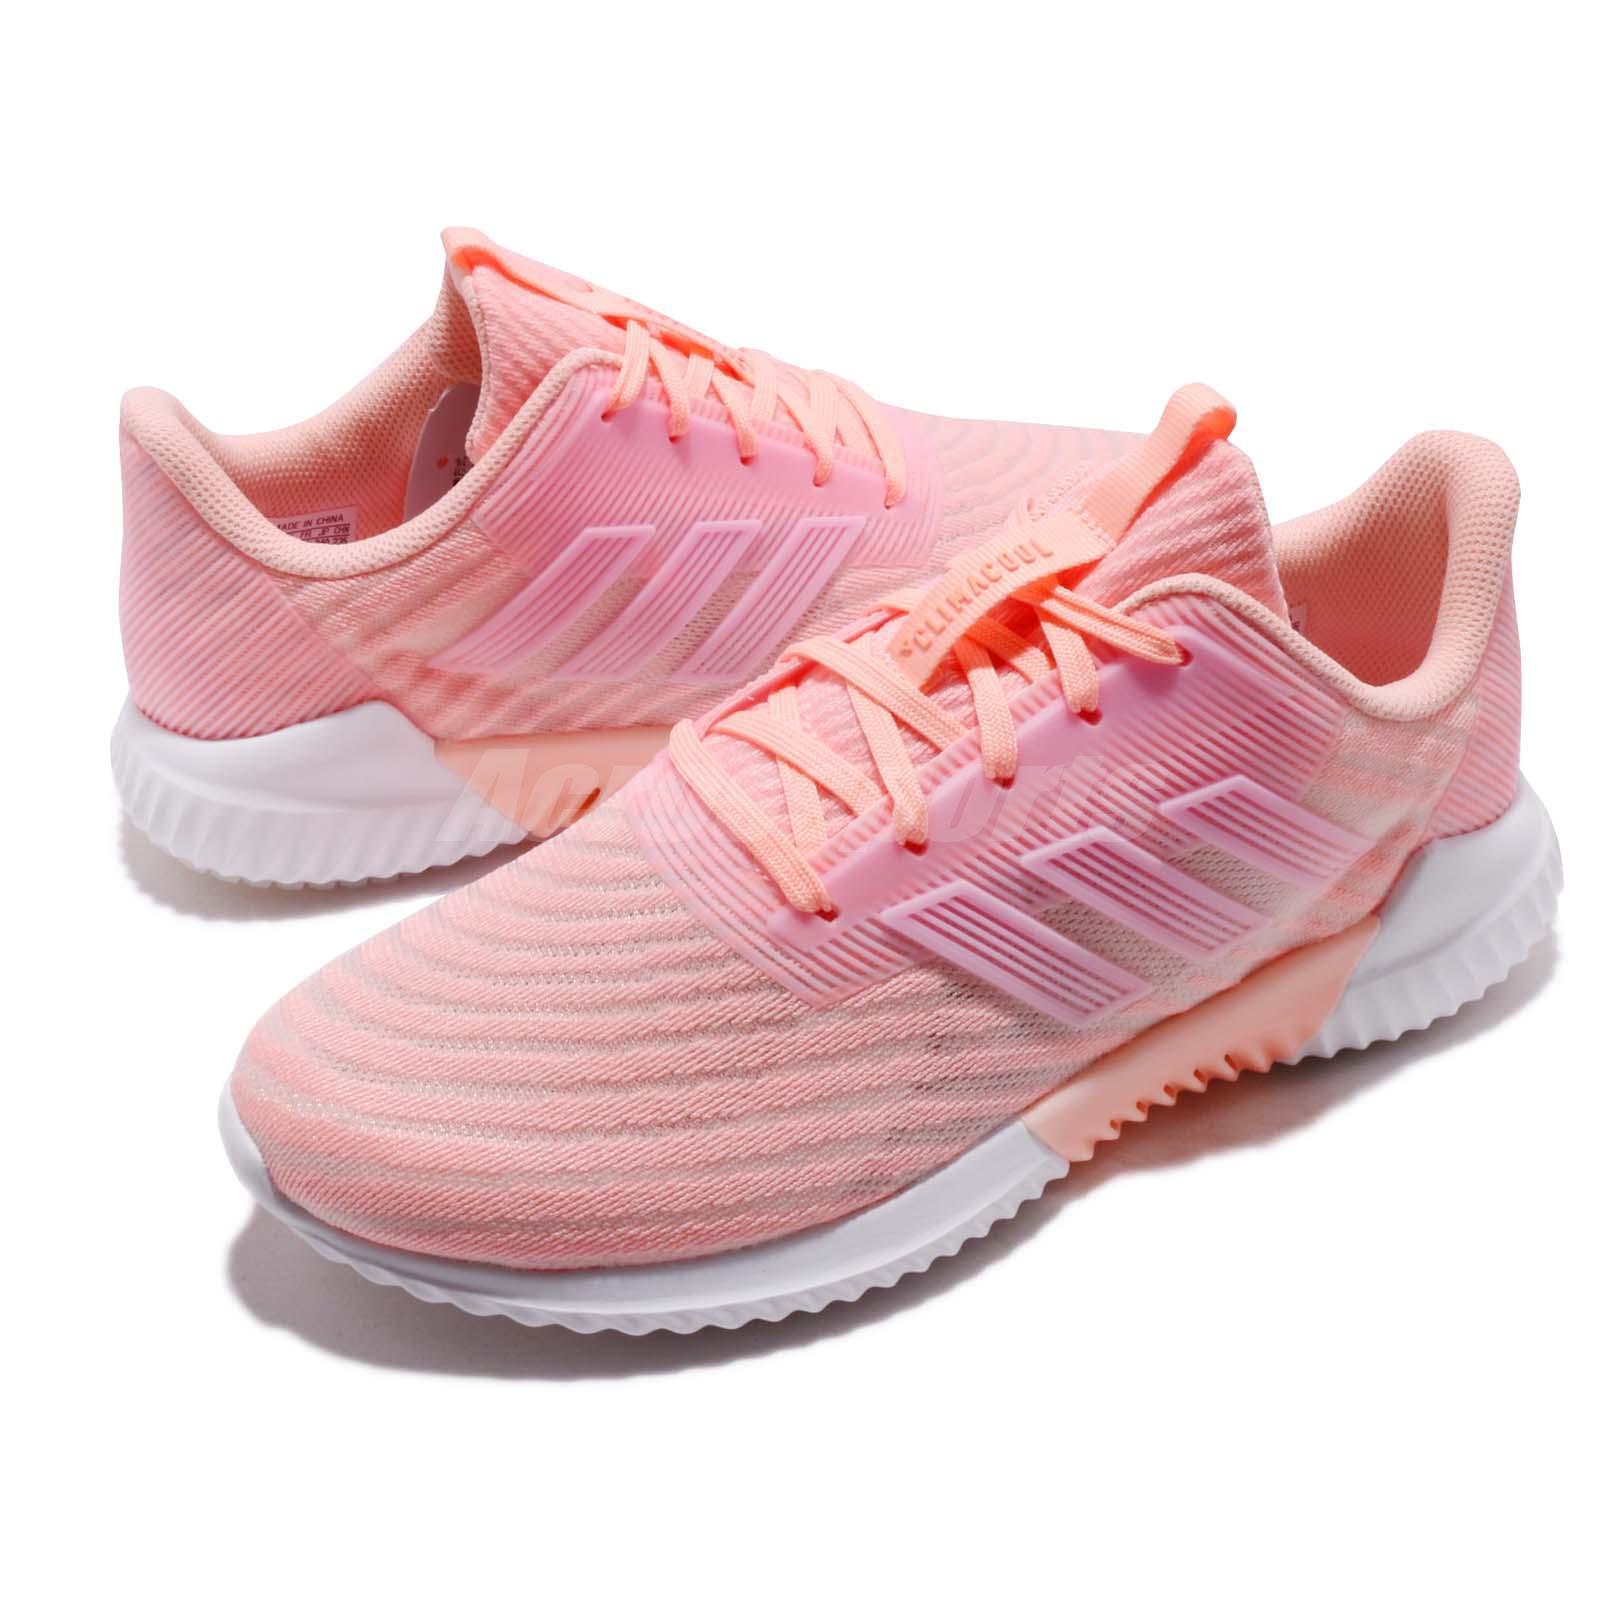 adidas dragon rosa feminino